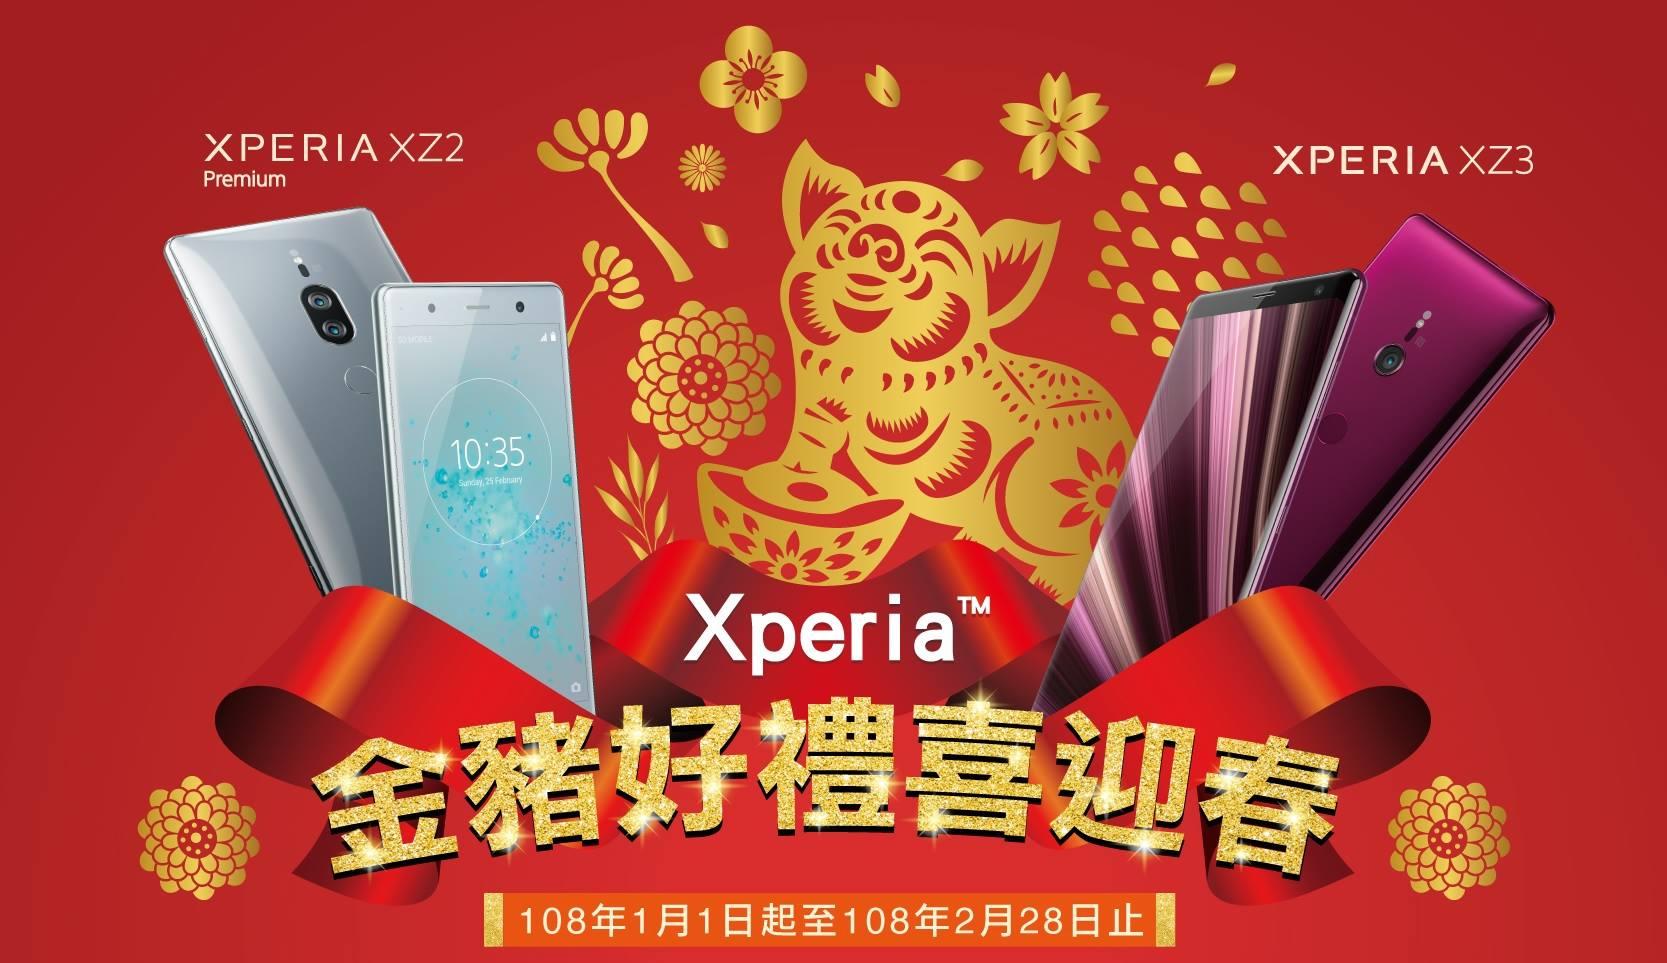 Sony Mobile 新年禮,購買 Xperia XZ2 Premium、Xperia XZ3 送家電三選一